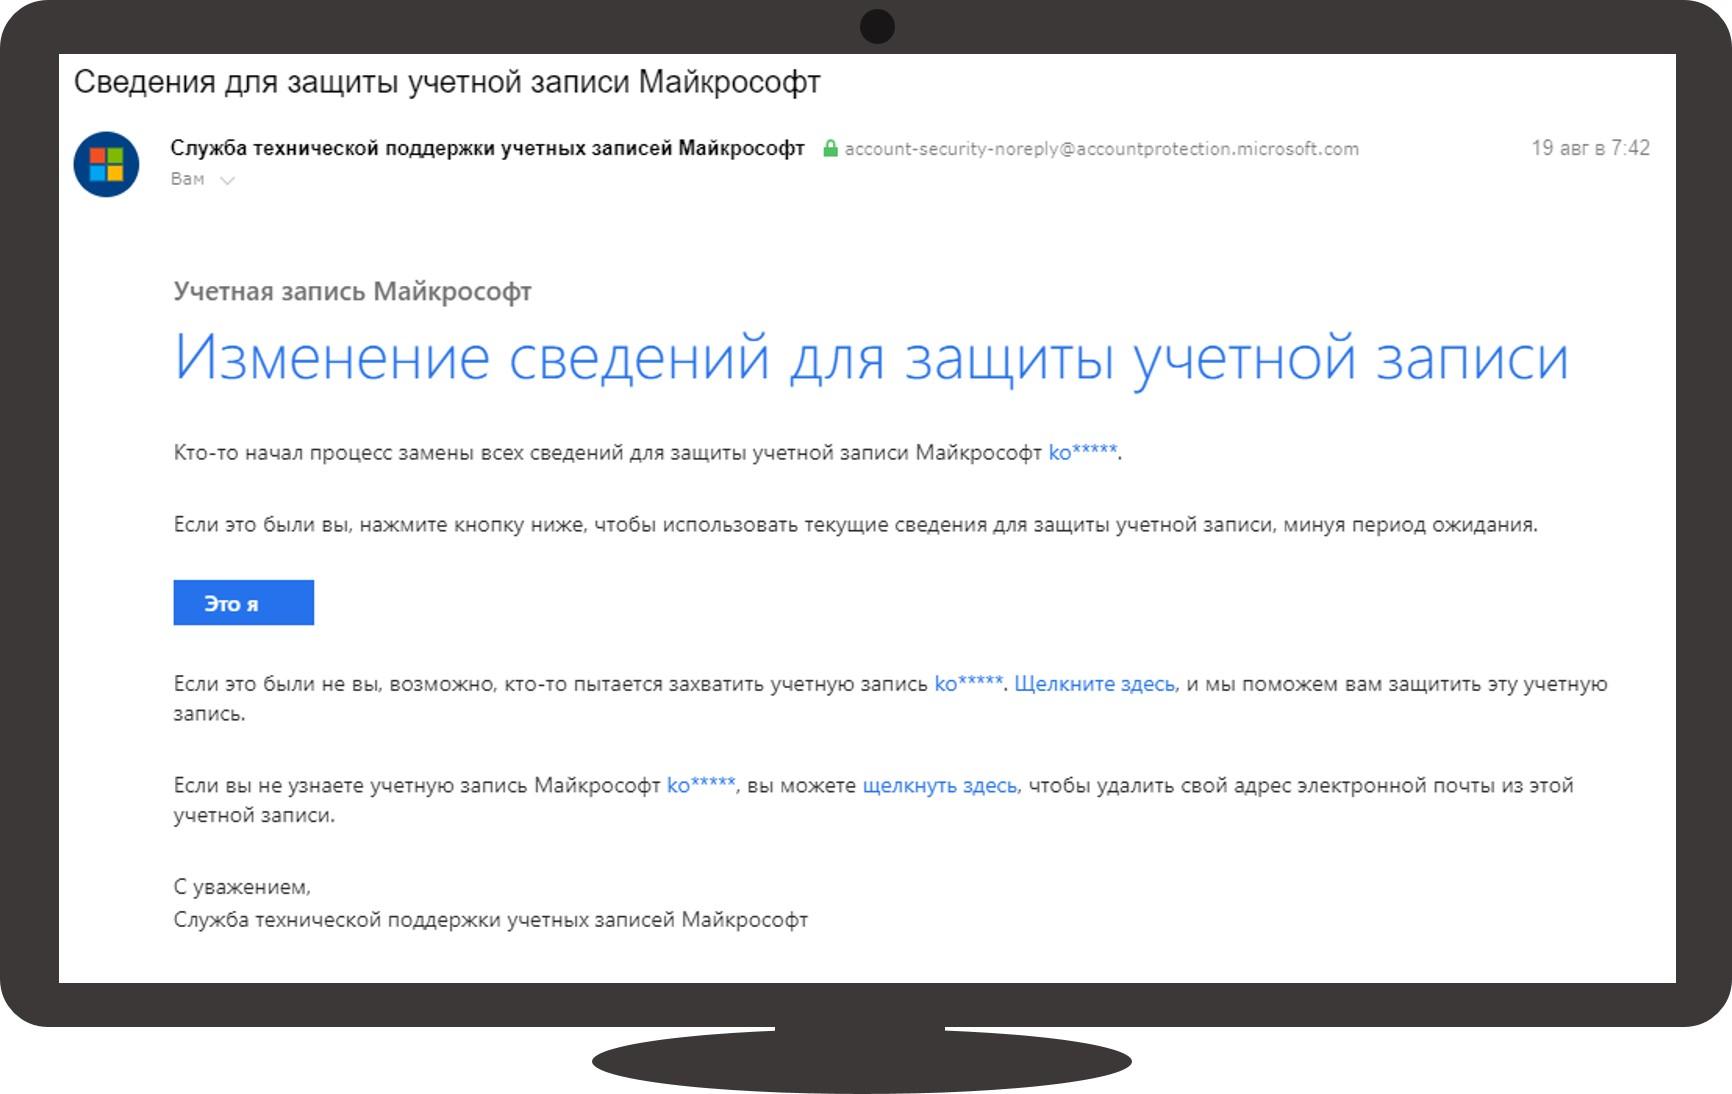 https://grosh-blog.ru/ чем отличаются фишинговые письма